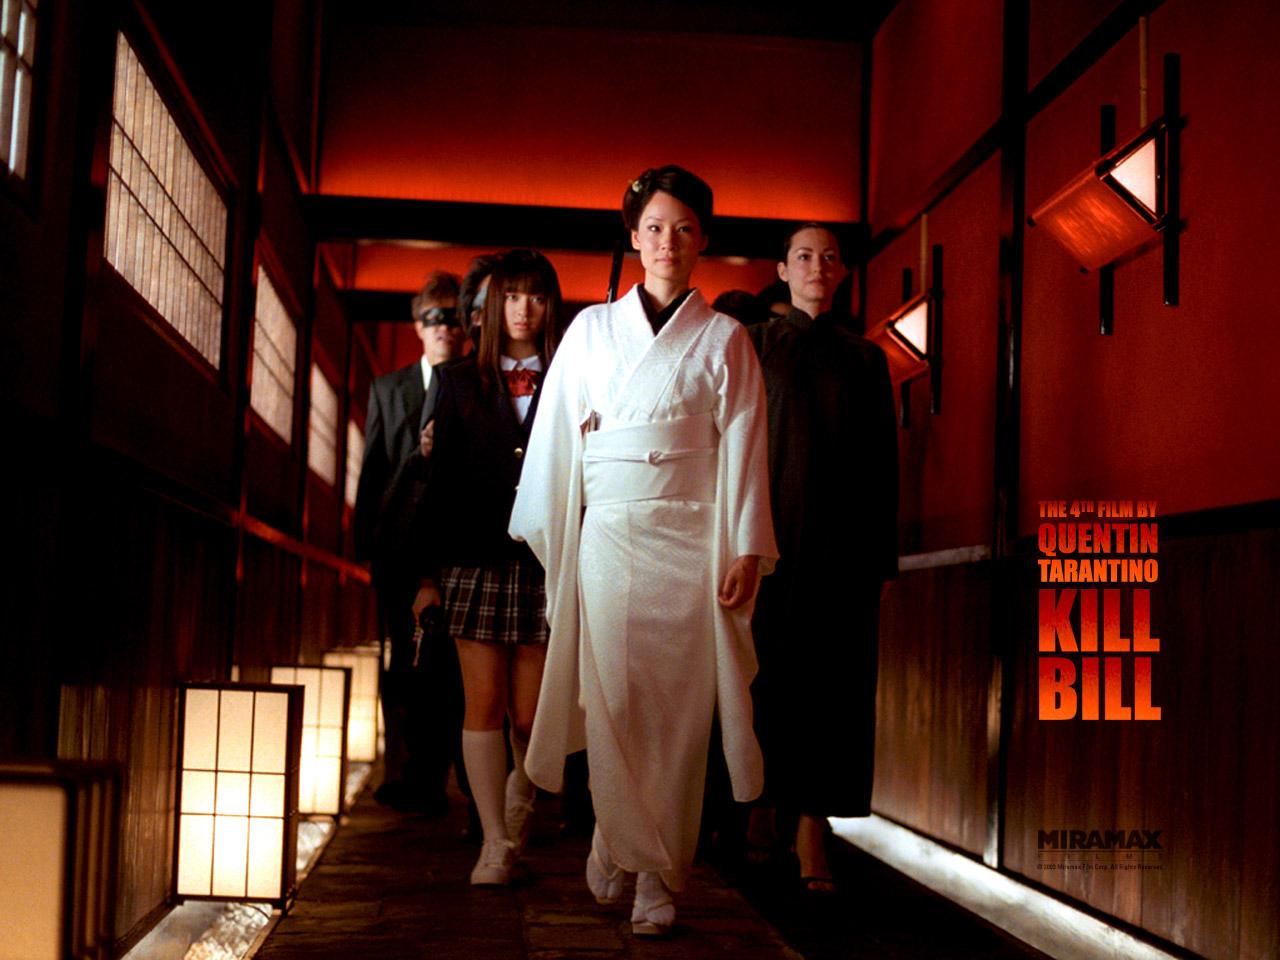 Kill Bill - Kill Bill Wallpaper (557619) - Fanpop